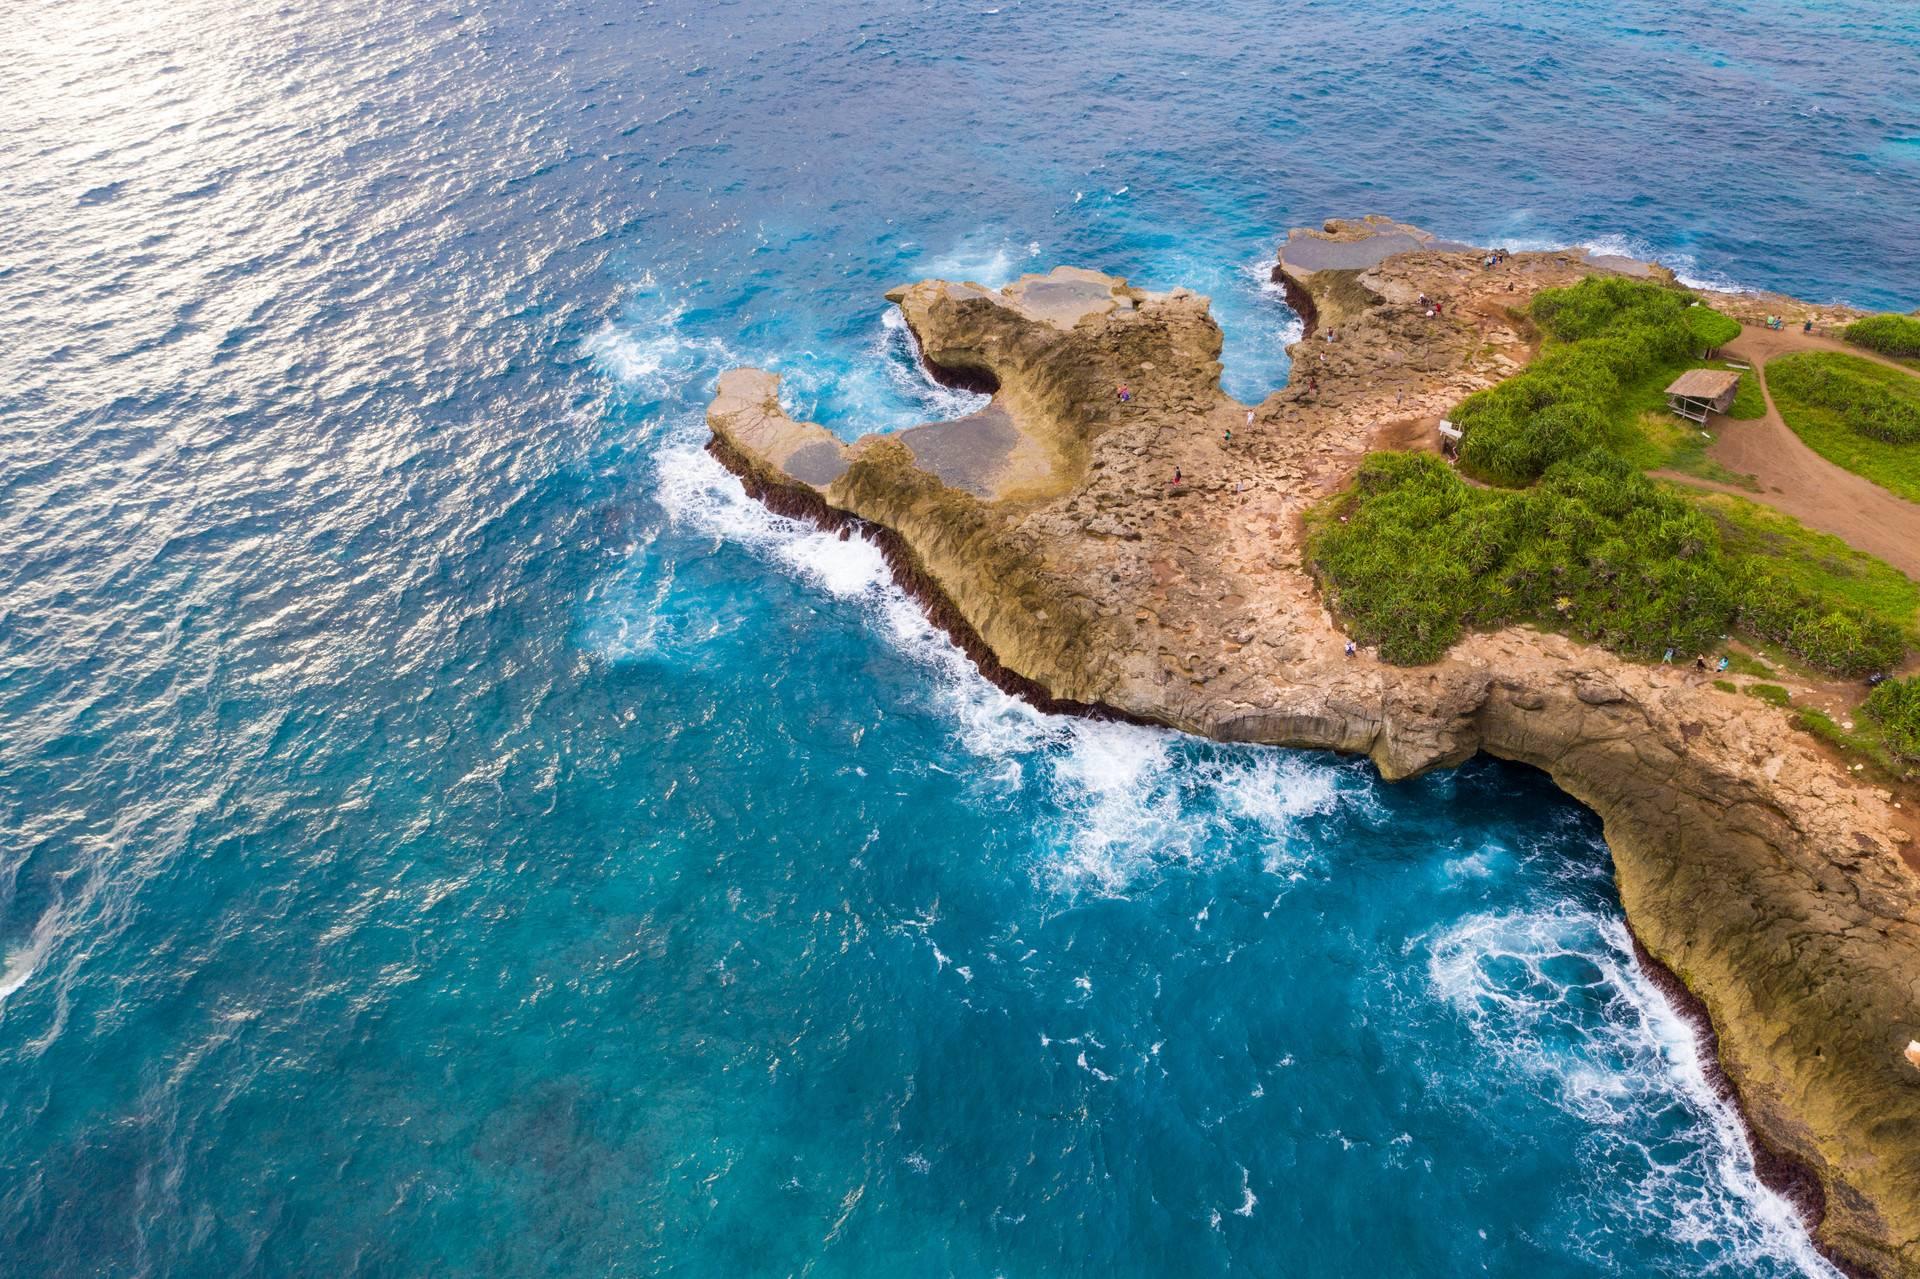 【邂逅巴厘】印尼·巴厘岛+蓝梦岛+贝妮达岛+乌布鸟巢·6天5晚